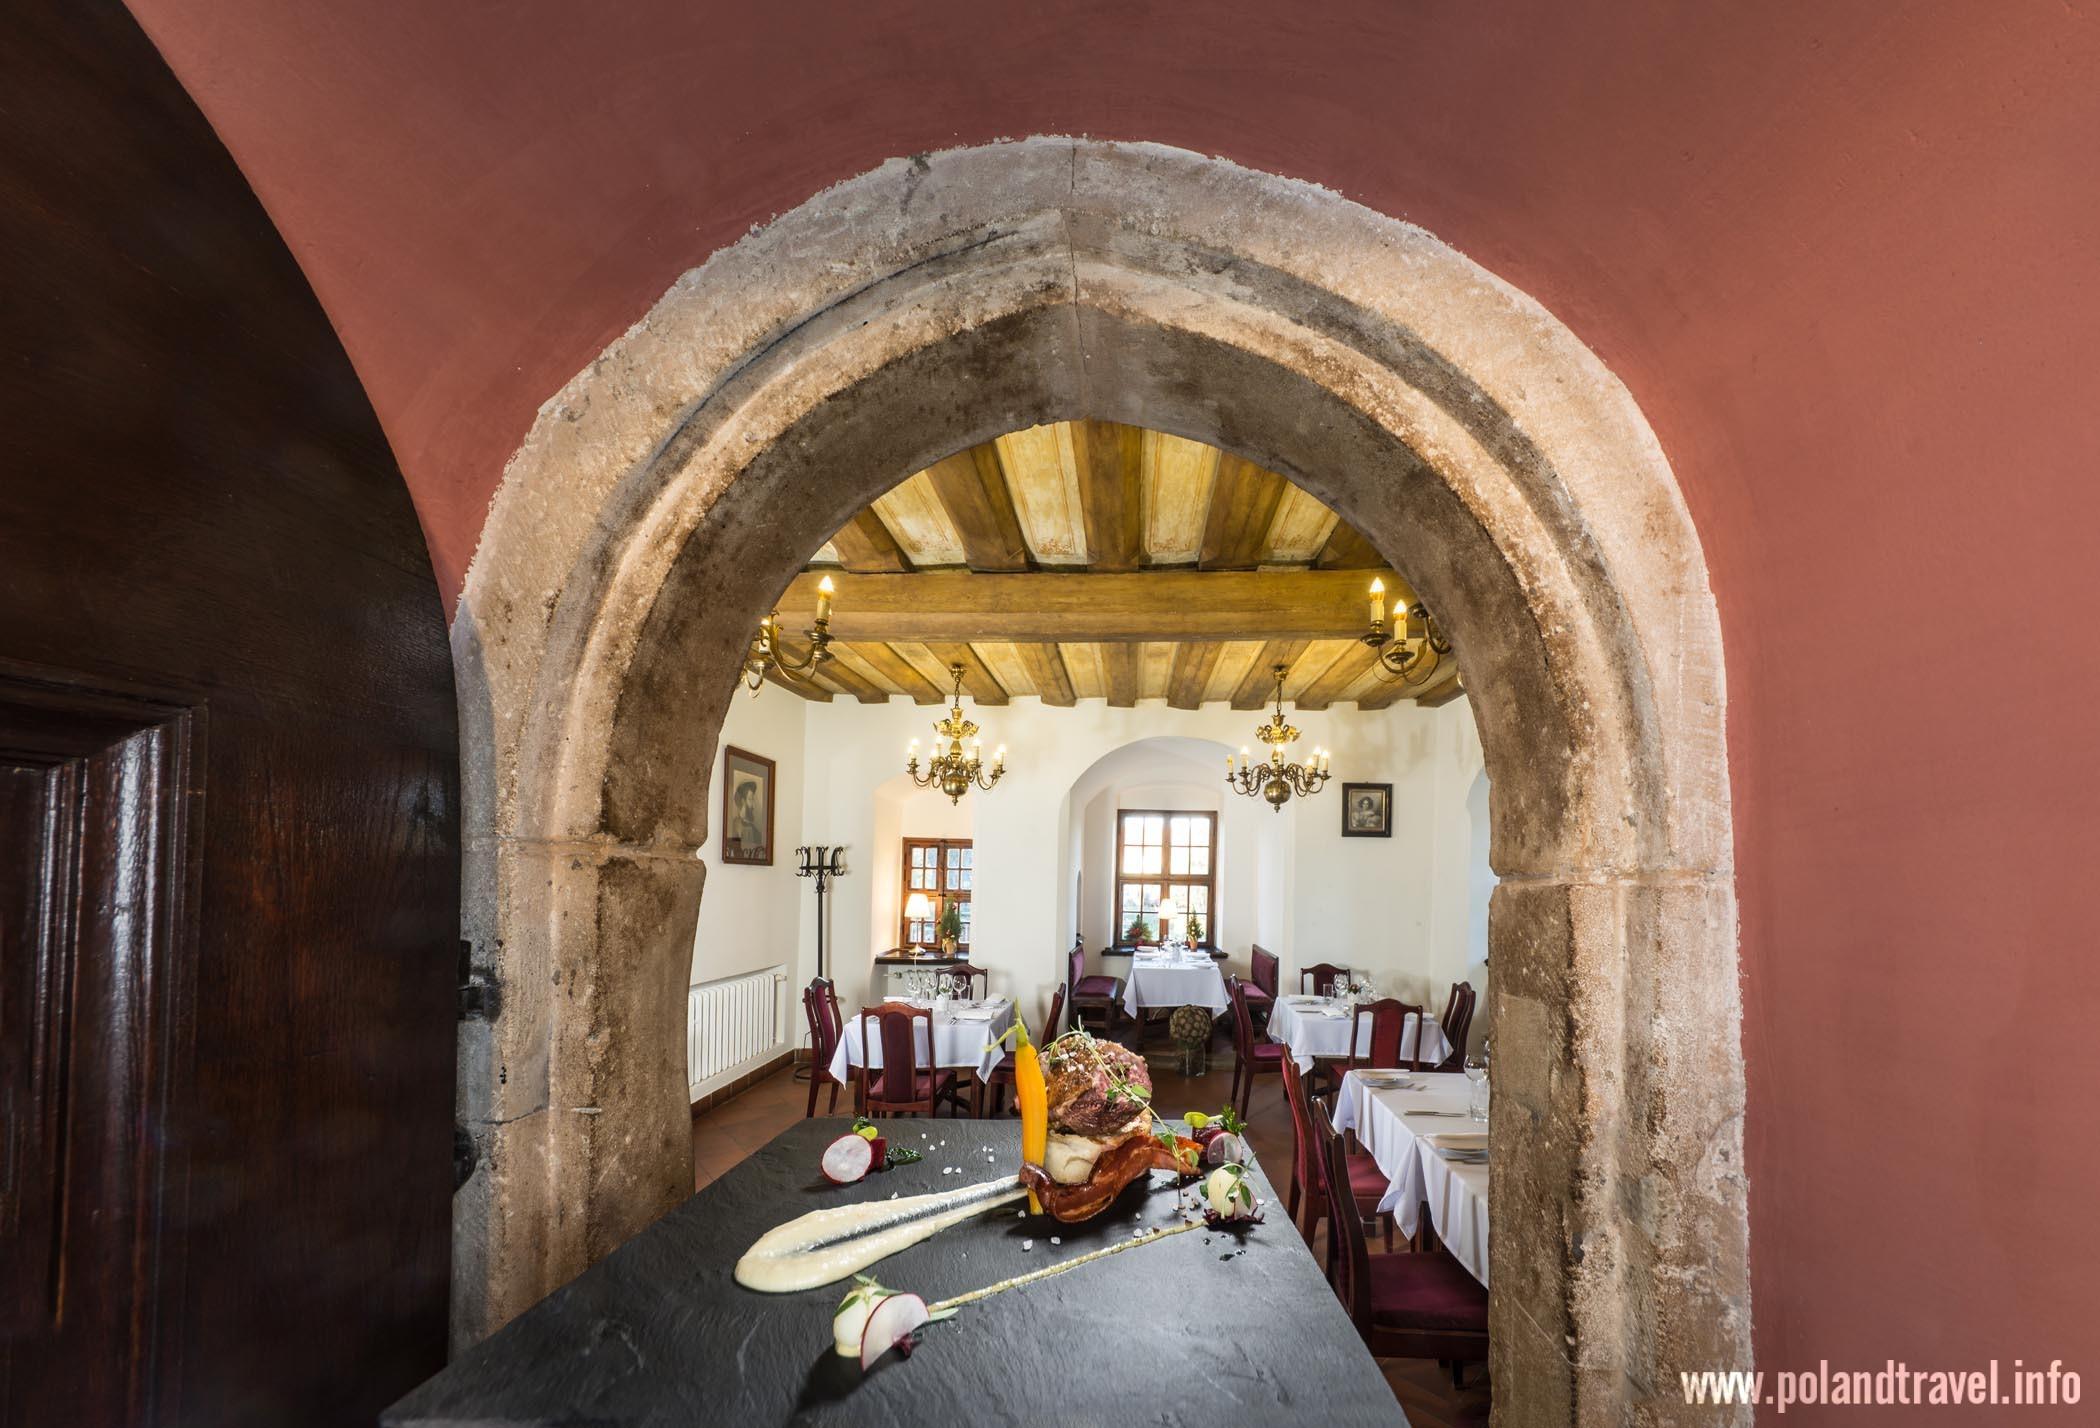 Potrawa na kwadratowym kaflu pokazana na tle zabytkowego portalu, w tle sala restauracyjna.